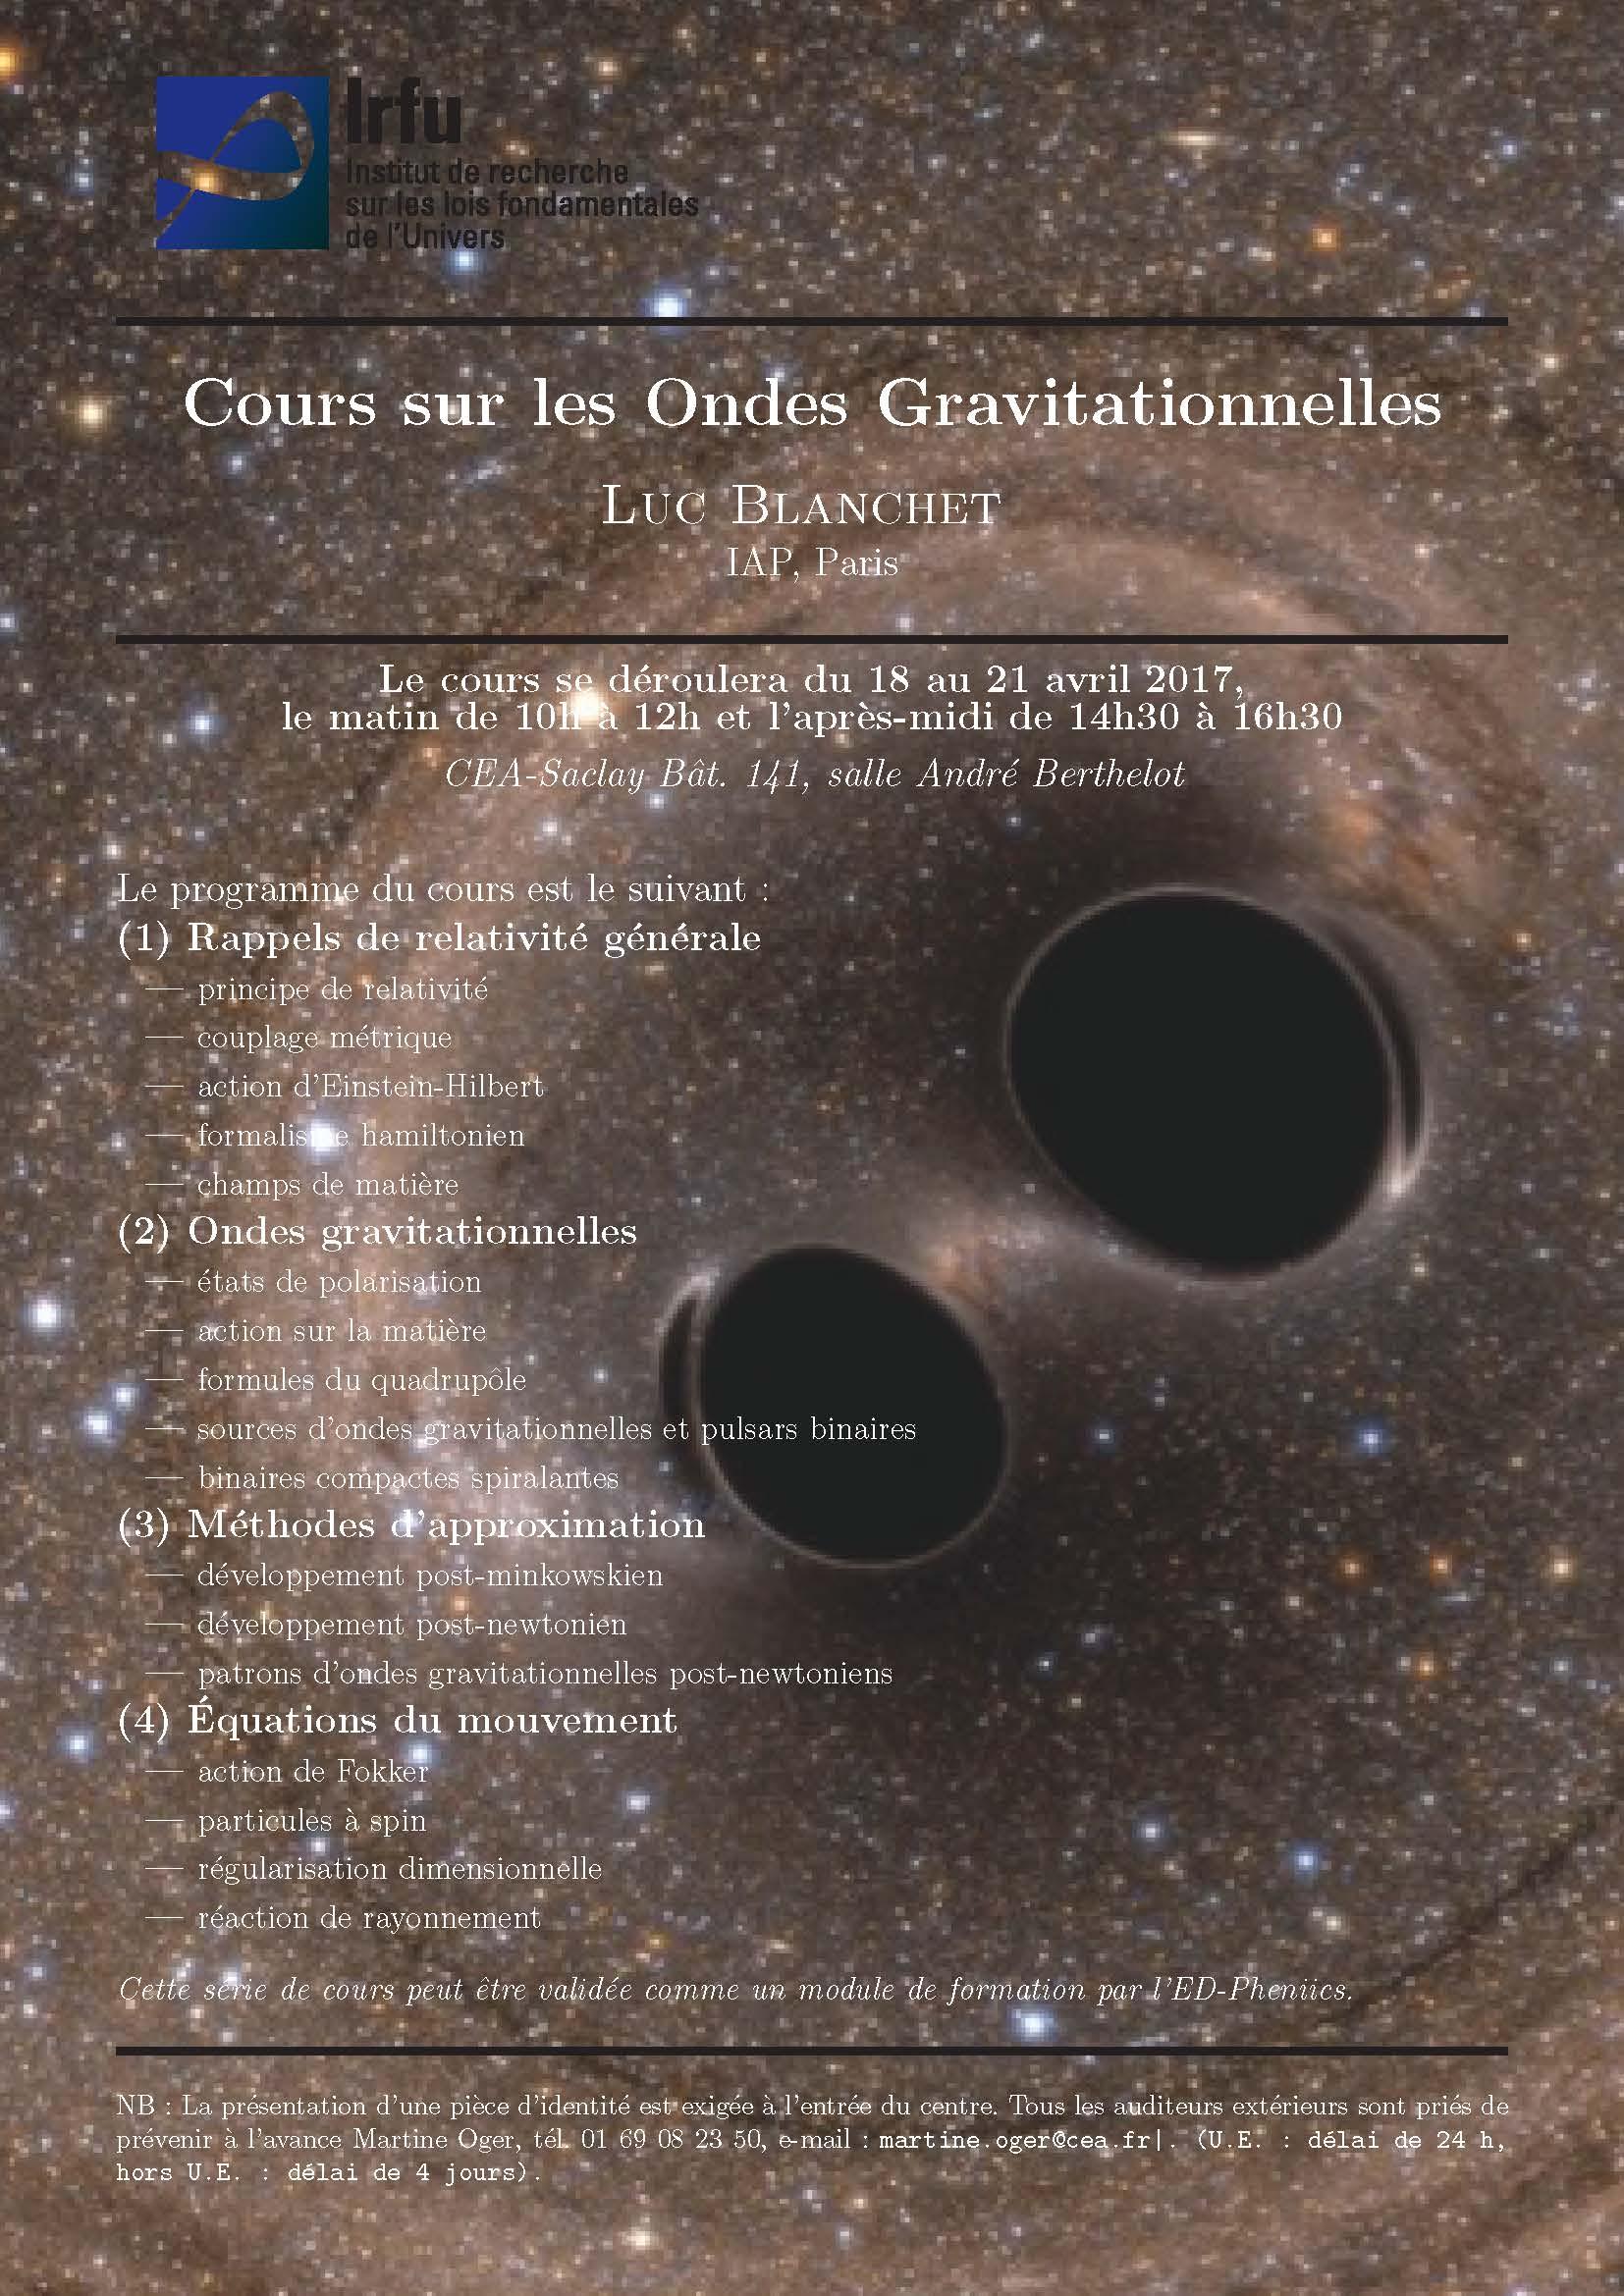 Cours sur les ondes gravitationnelles, par Luc Blanchet de l'IAP, du 18 au 21 avril